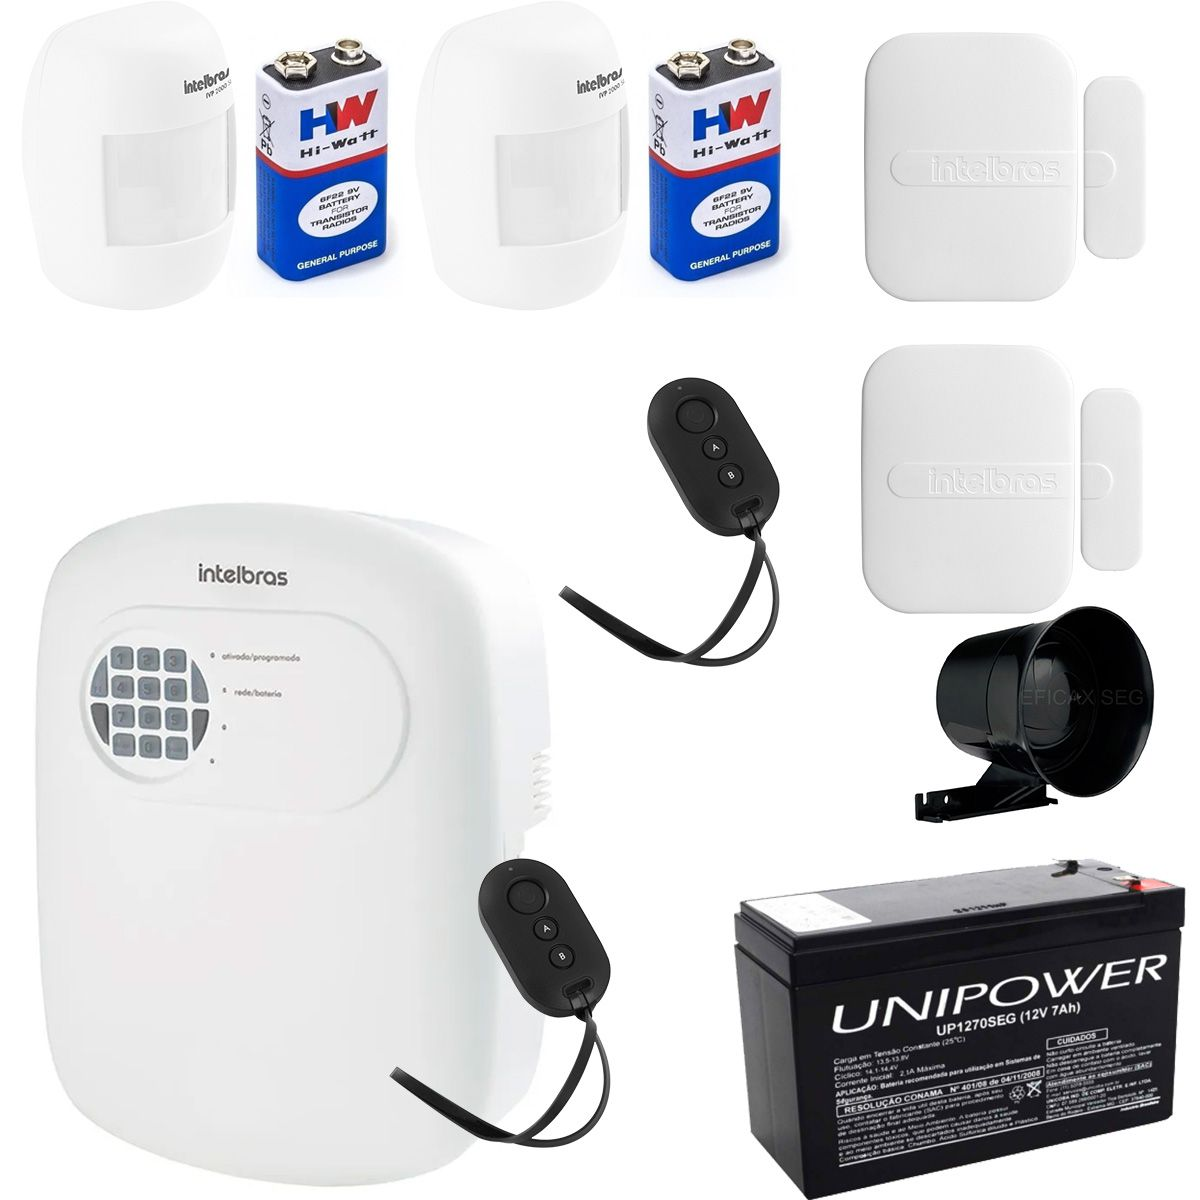 Kit de Alarme Intelbras Anm 3004 ST + 02 Sensores Com Fio Intelbras IVP 3000CF + 10 Sensores Sem Fio Intelbras XAS 4010 +Acessórios